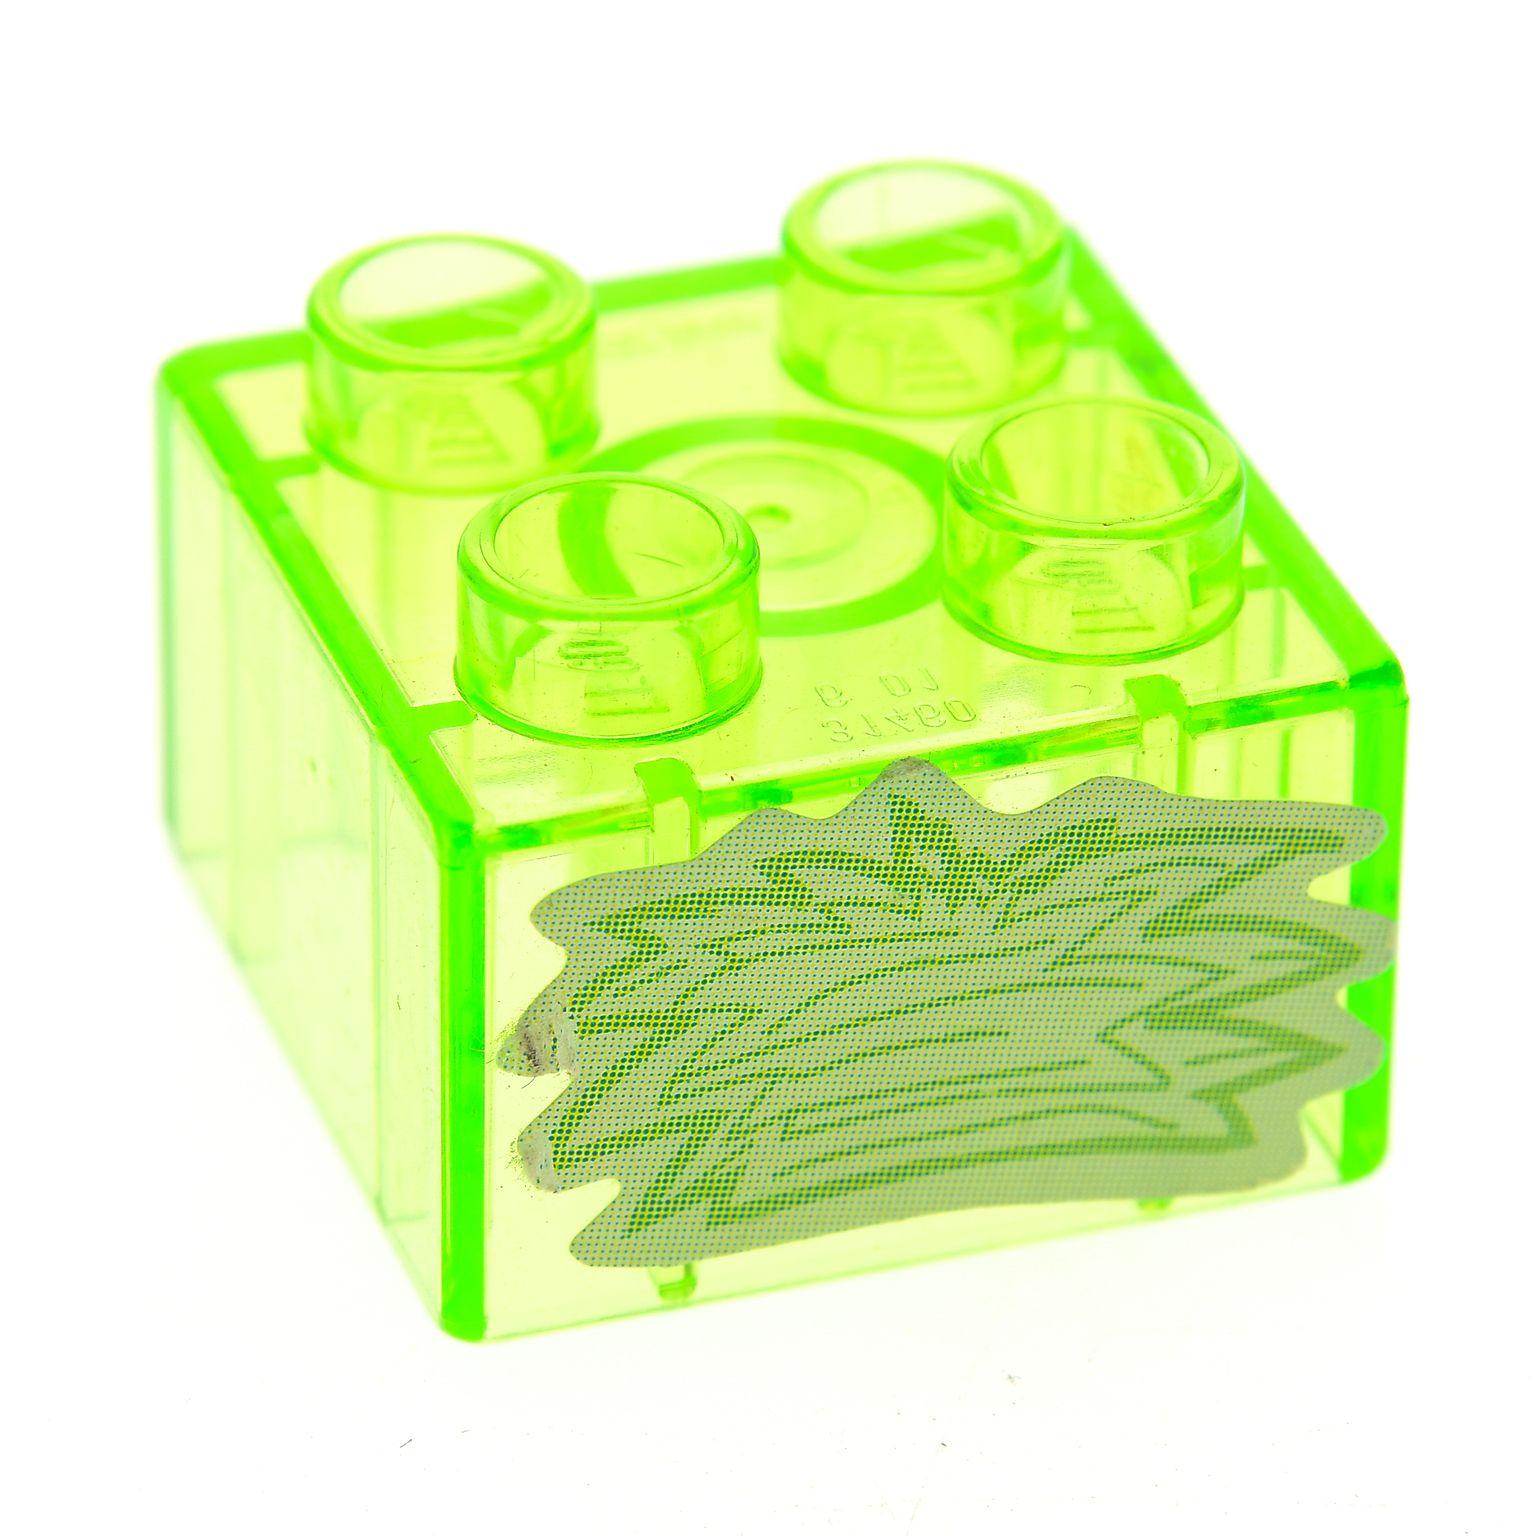 1 X Lego Duplo Bau Stein 2x2 Transparent Bright Hell Gr 252 N